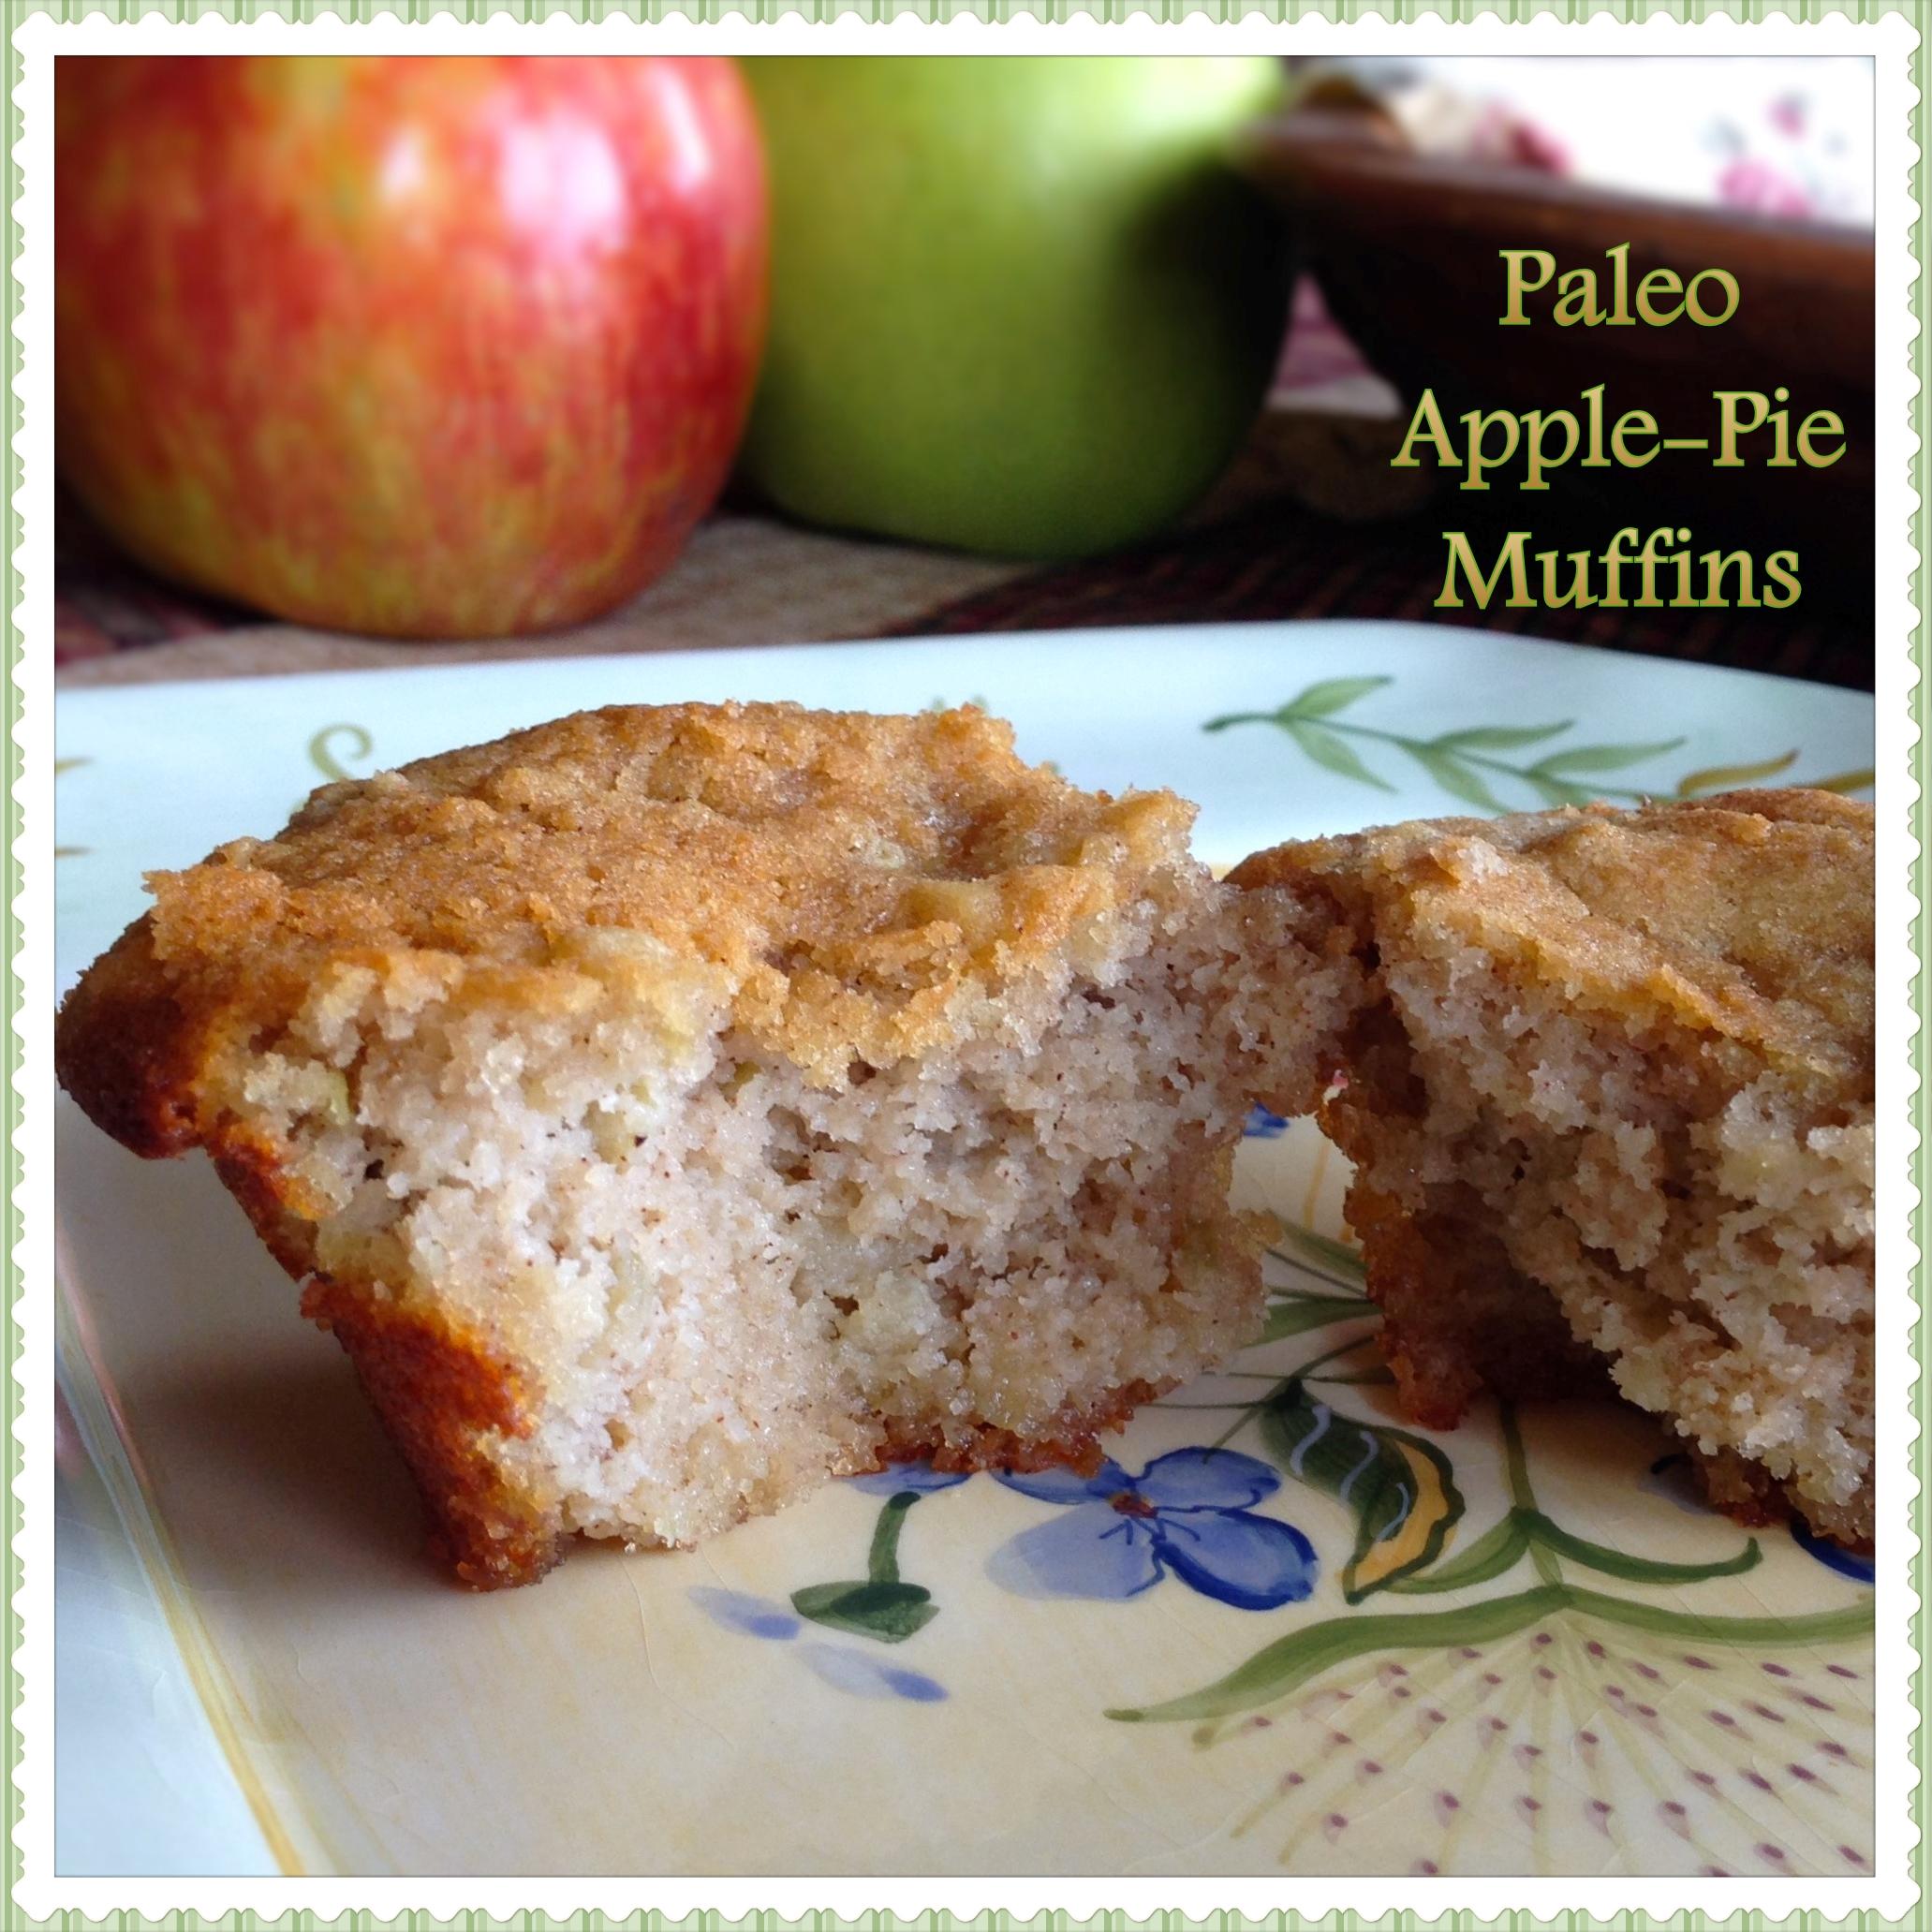 Paleo Apple Pie Muffins - Gluten Free Yummy!